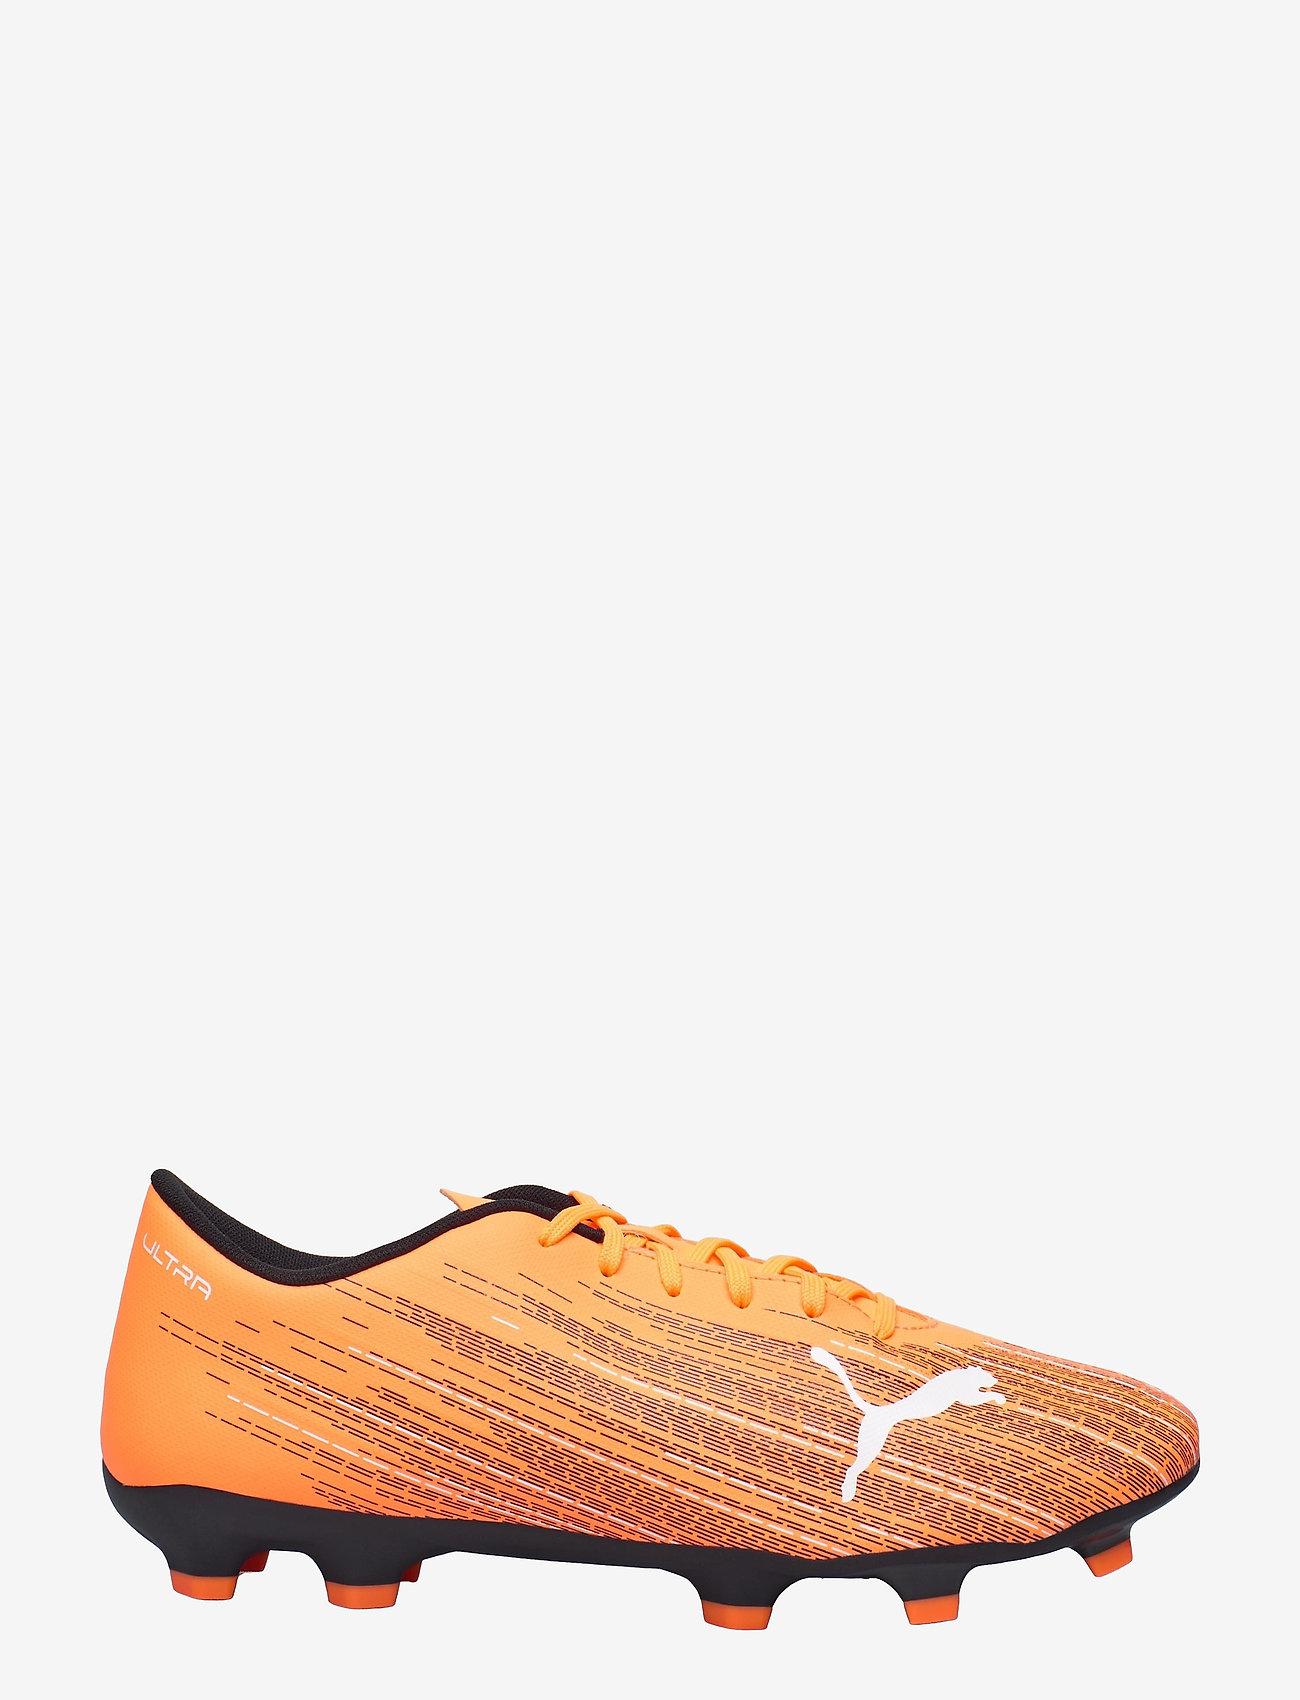 PUMA - ULTRA 4.1 FG/AG - fodboldsko - shocking orange-puma black - 1